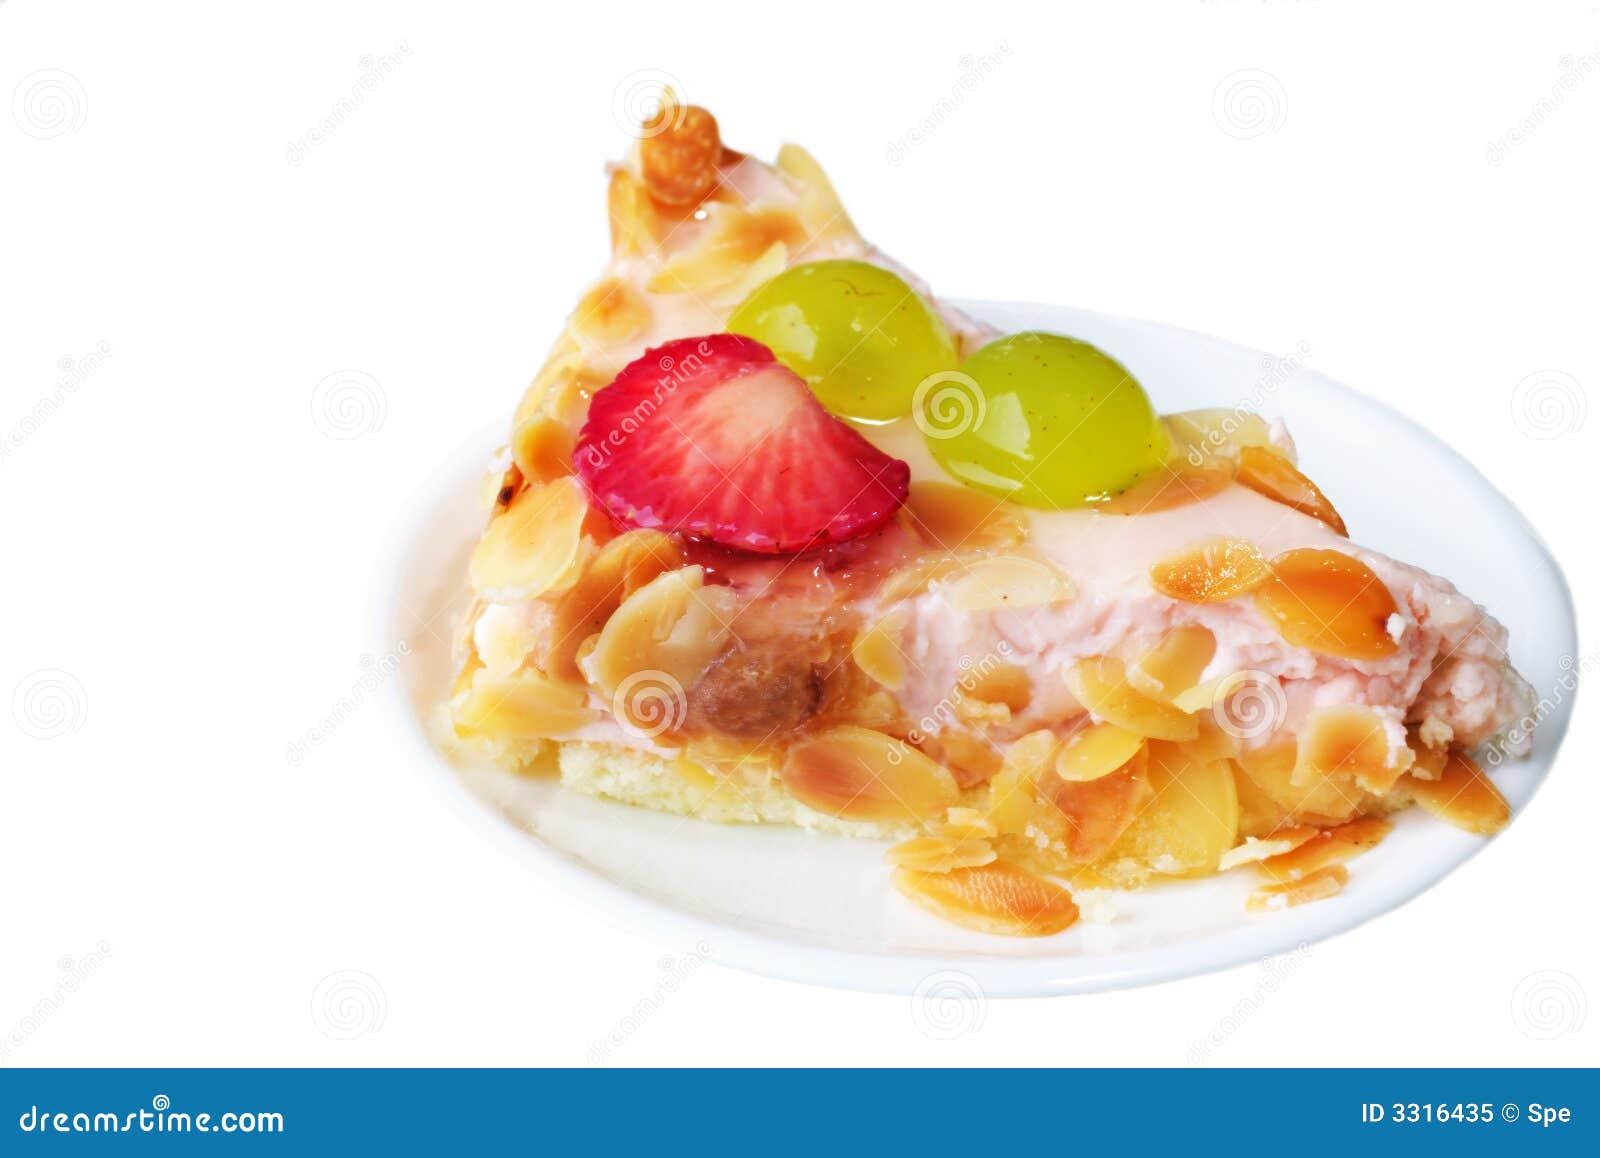 Cake With Fruit Yogurt : Fruit And Yogurt Cake Royalty Free Stock Photo - Image ...